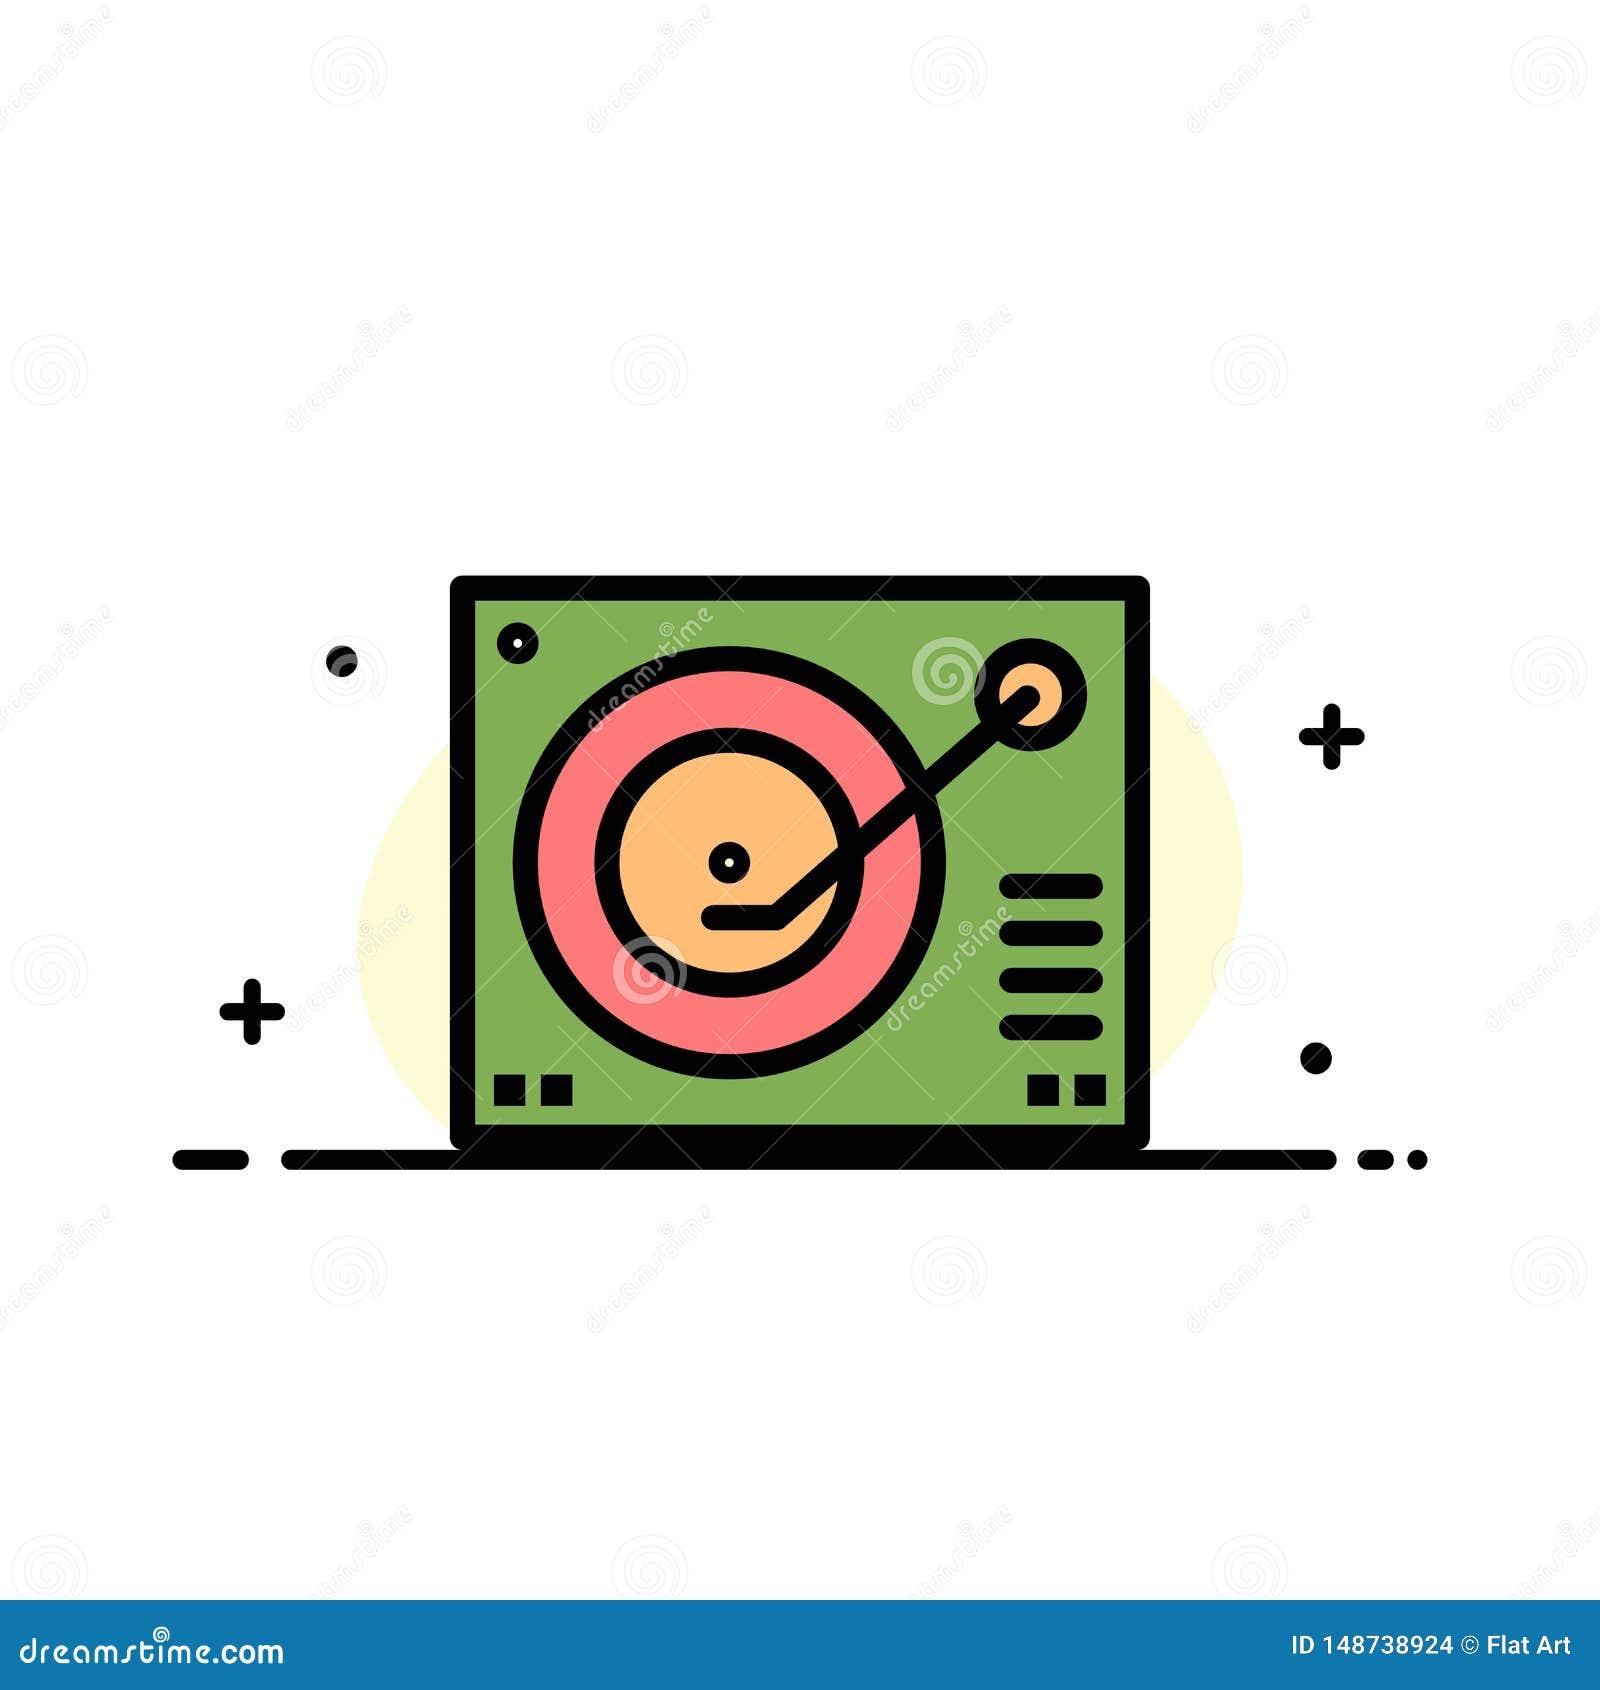 La cubierta, dispositivo, fonógrafo, jugador, línea plana del negocio de registro llenó la plantilla de la bandera del vector del